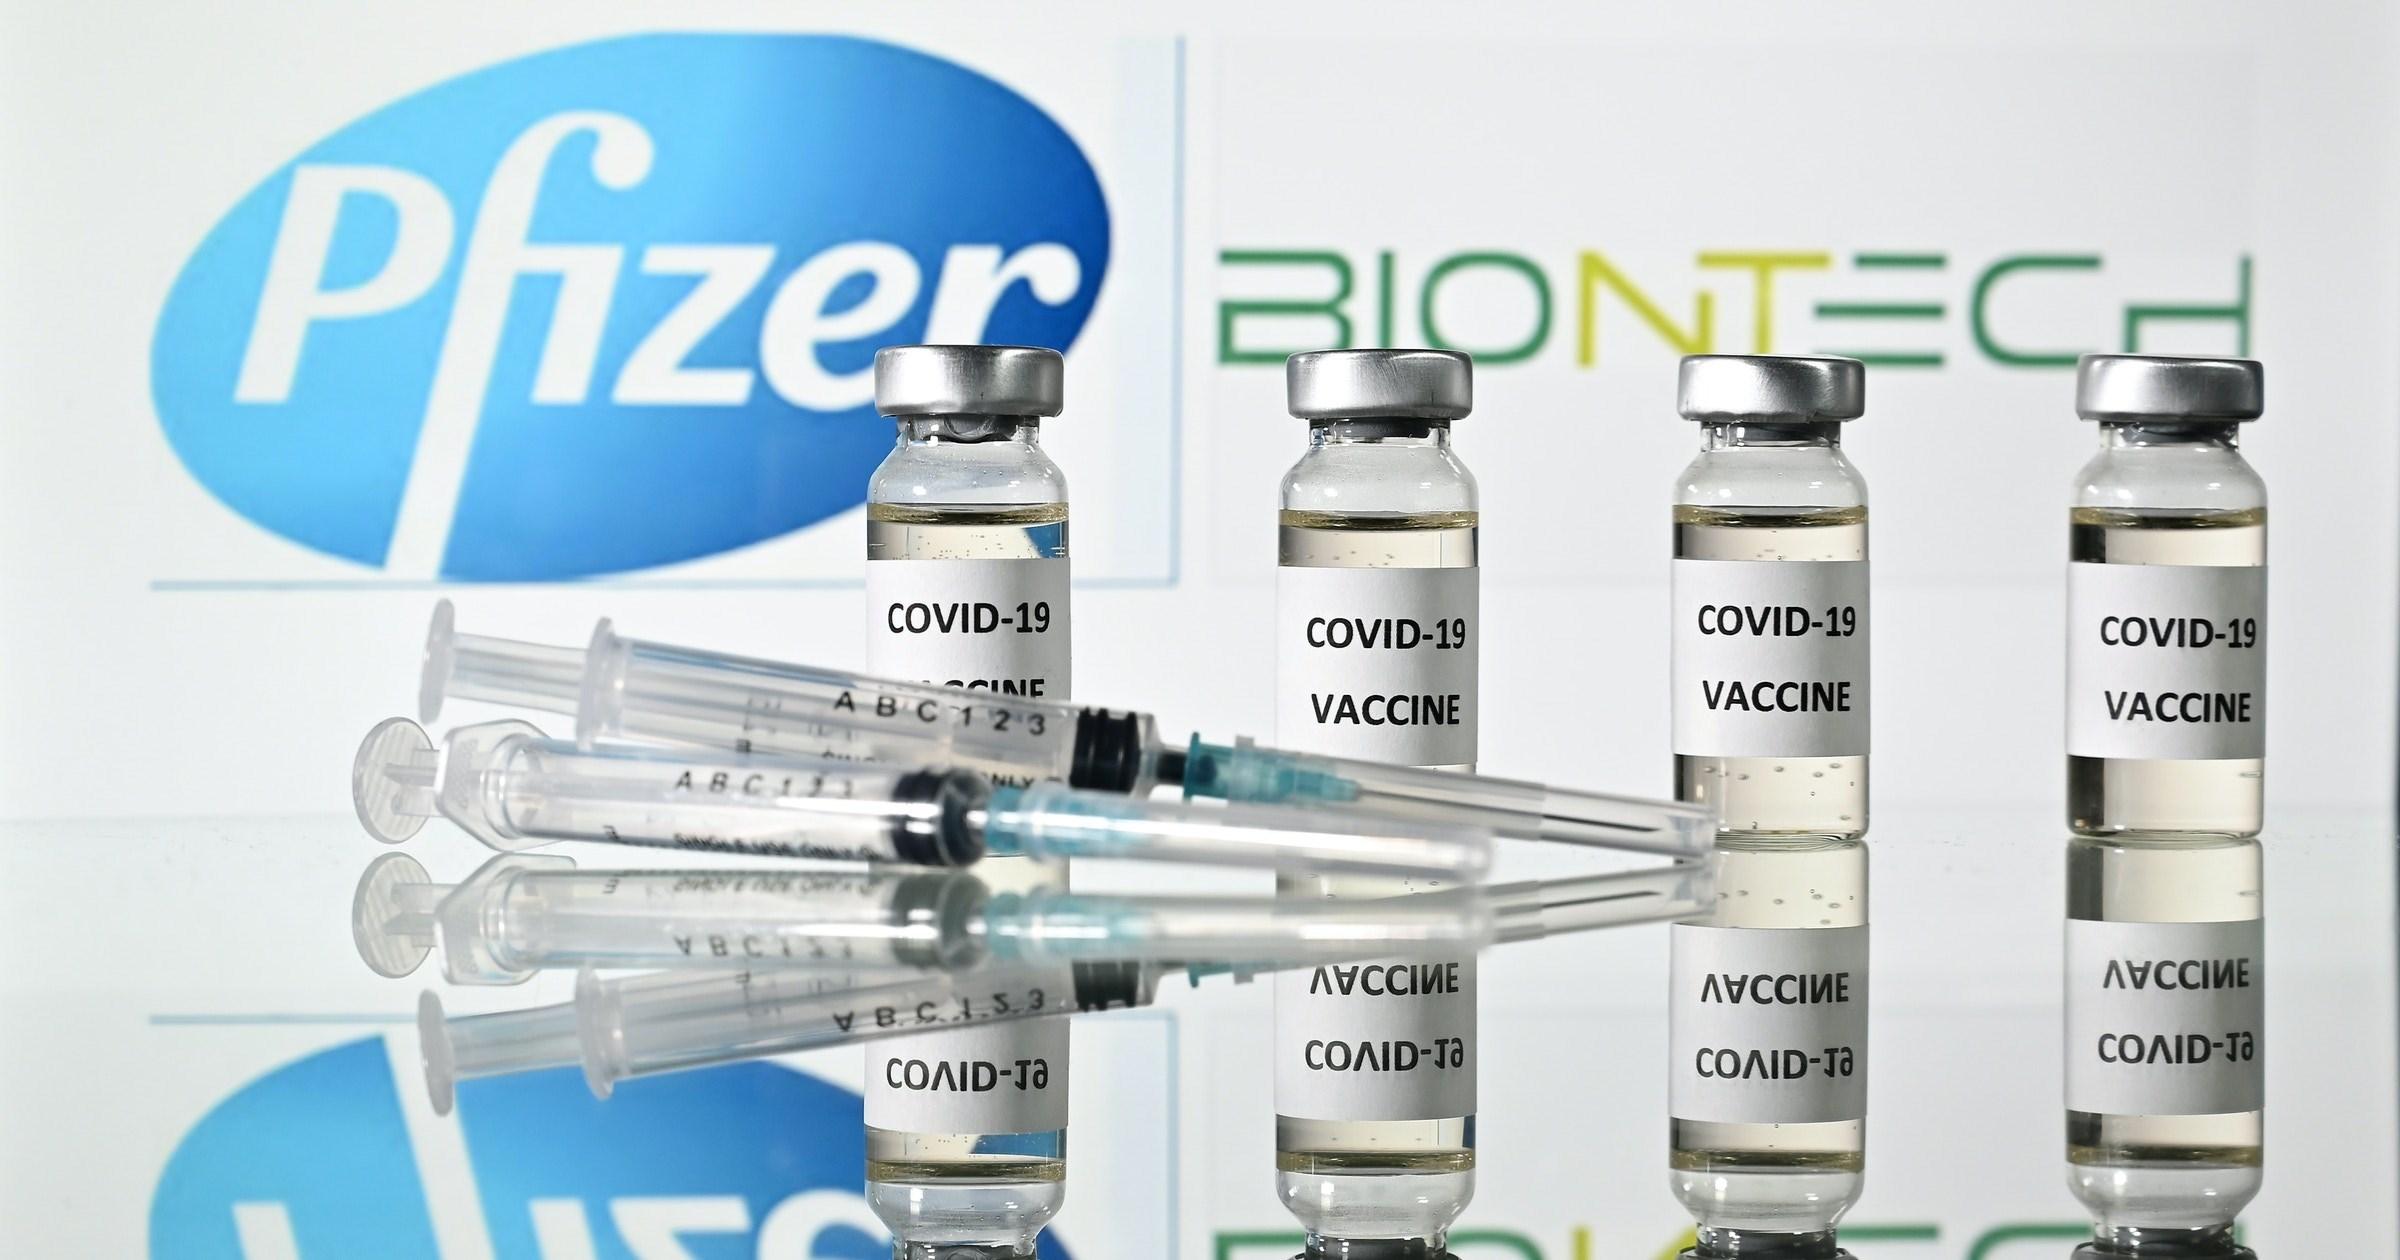 بايونتيك وفايزر تتقدمان بطلب ترخيص لقاح ضد كوفيد-19 في الإتحاد الأوروبي